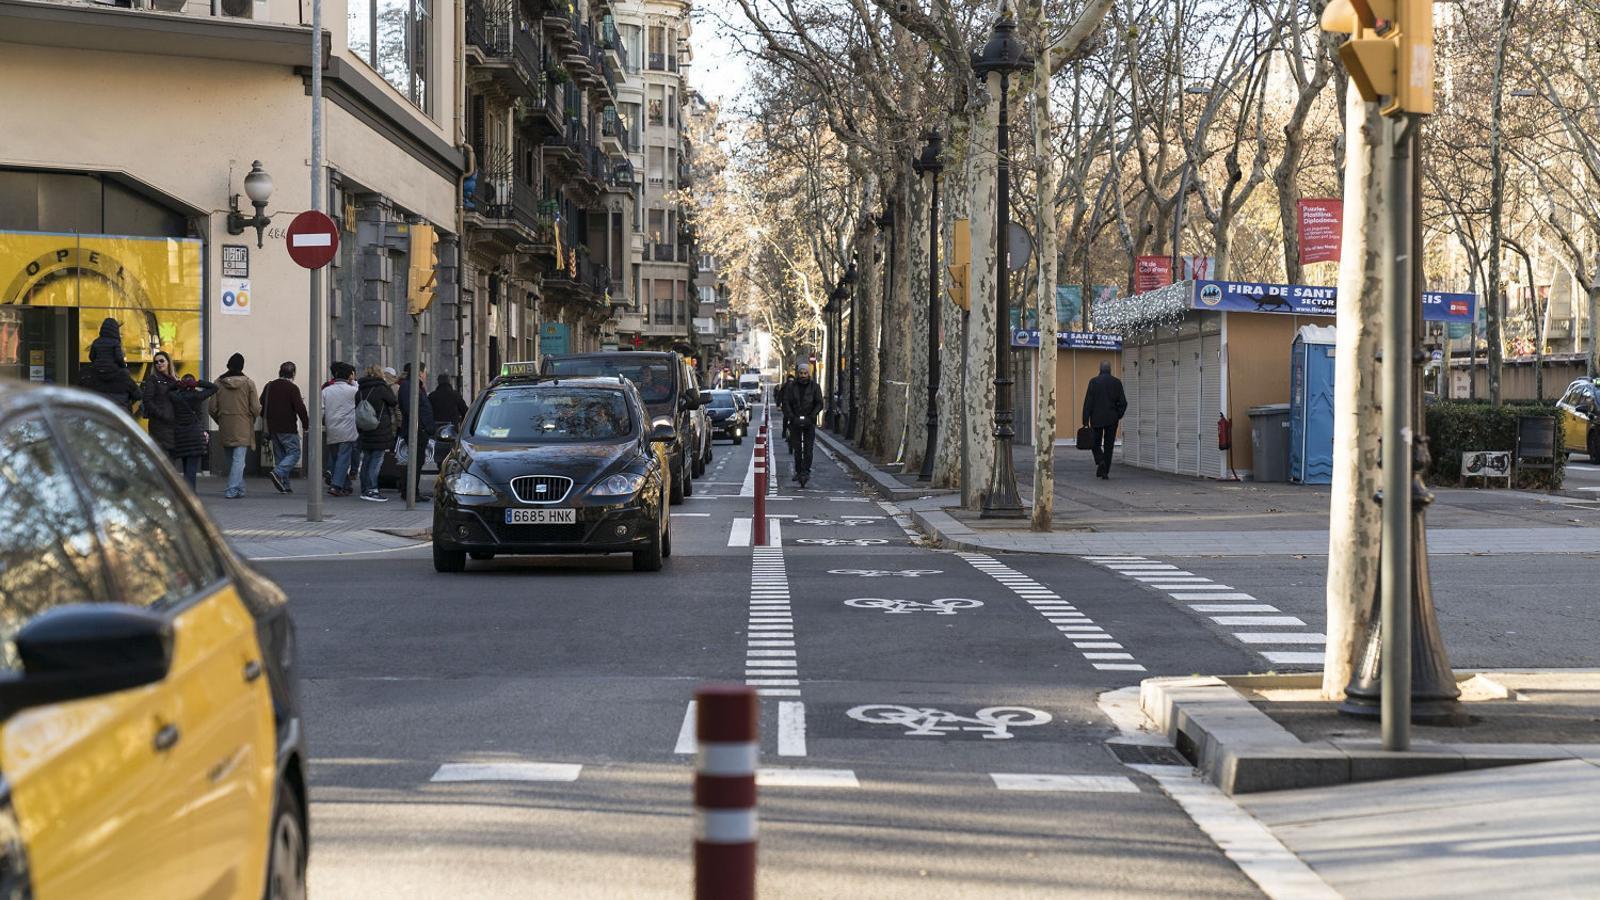 Barcelona s'encamina cap a un model de mobilitat més segura, sostenible i eficient, i cap a una convivència millor